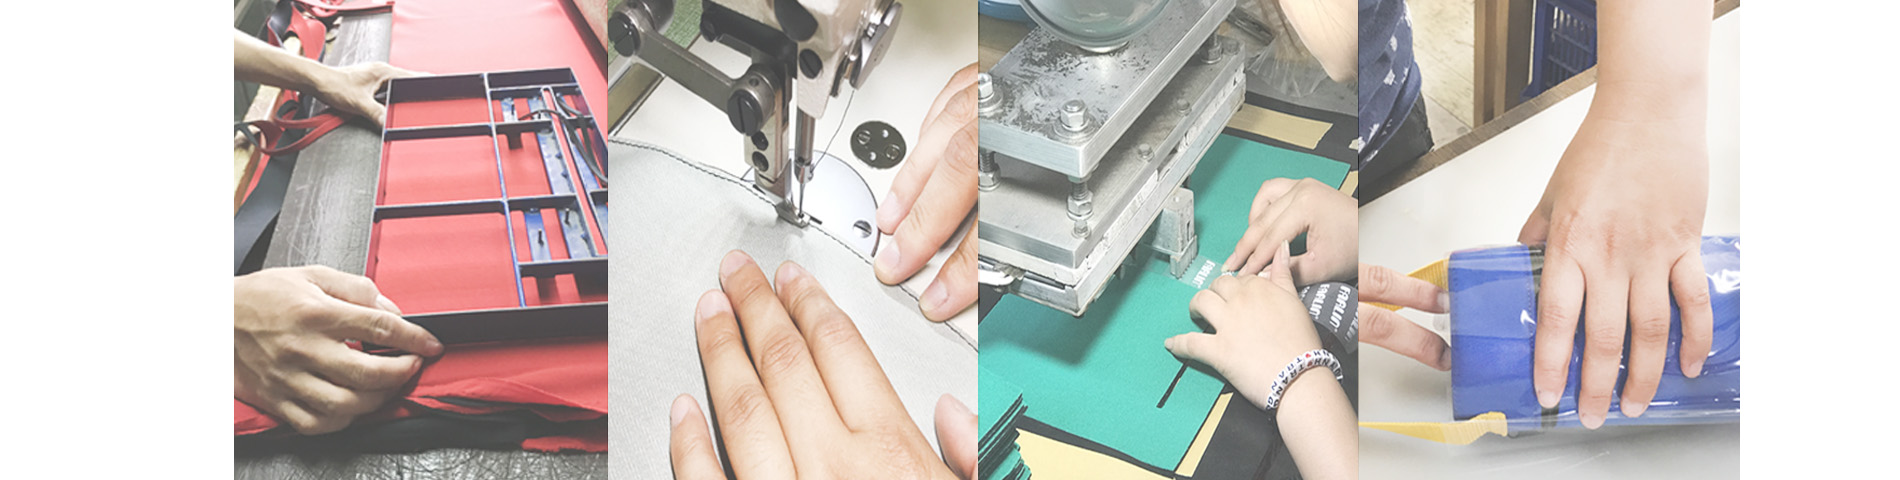 Maßgeschneiderte Produkte von der Idee bis zur Fertigstellung. Angebot ODM und ODM (B2B)